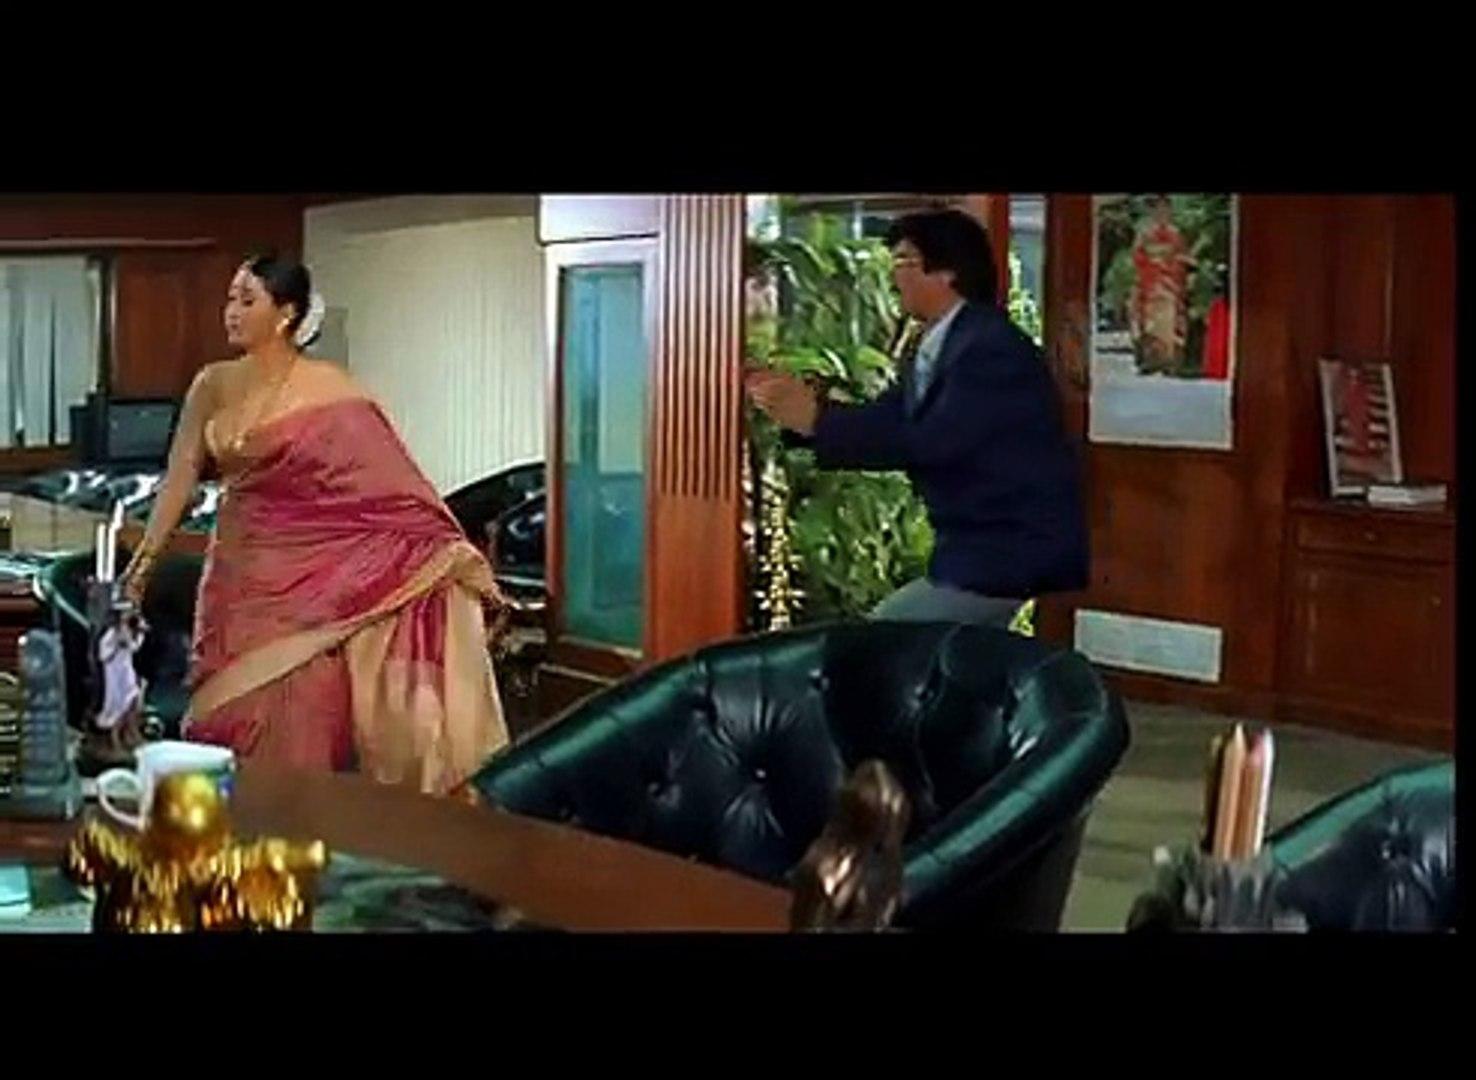 Comedy Scenes | Hindi Comedy Movies | Salman Khan Pisses Sushmita Sen | Biwi No 1 | Hindi Movies